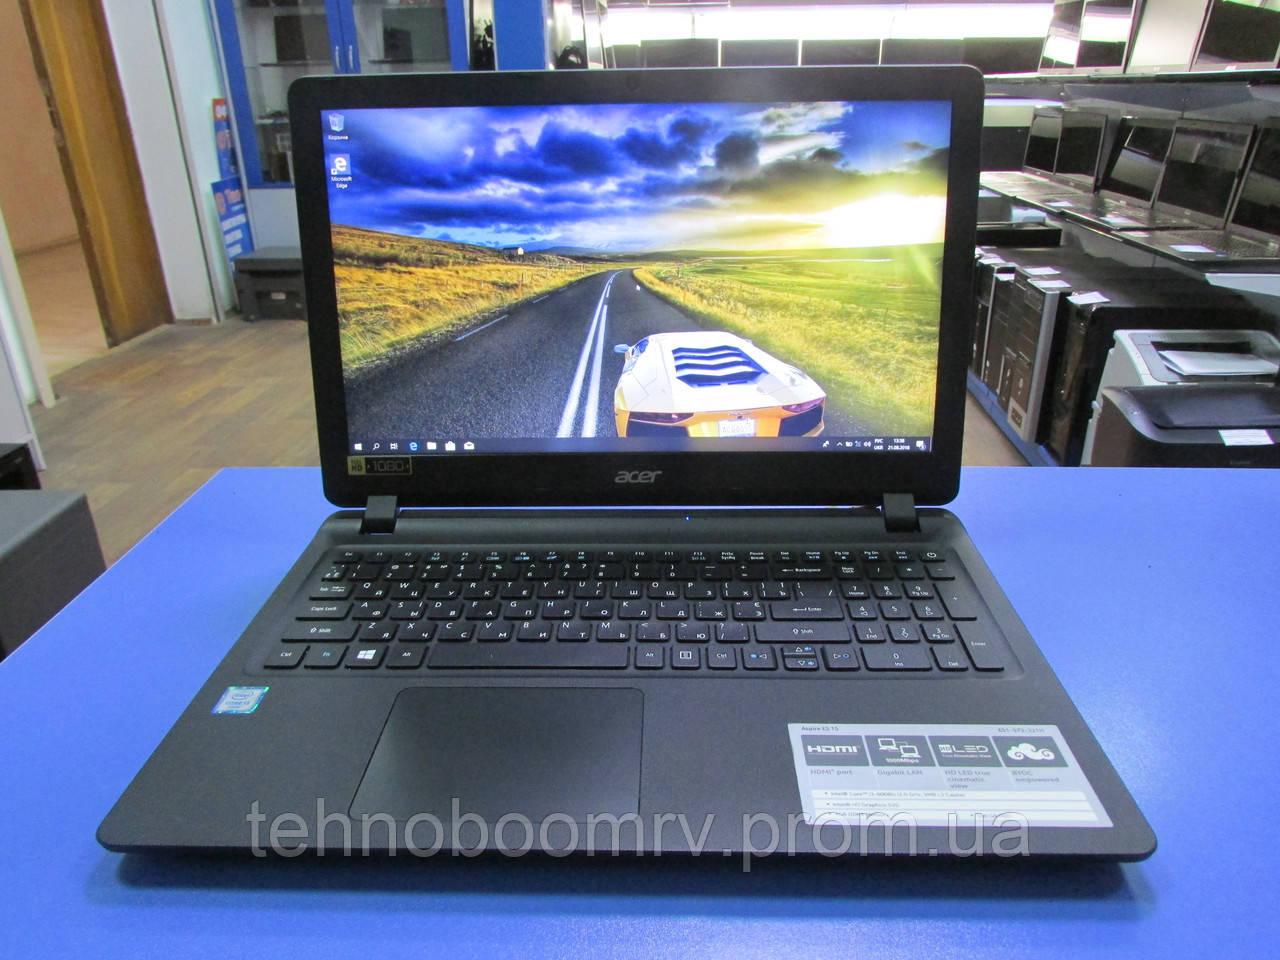 Уценка!Ноутбук Acer Full-HD 15.6